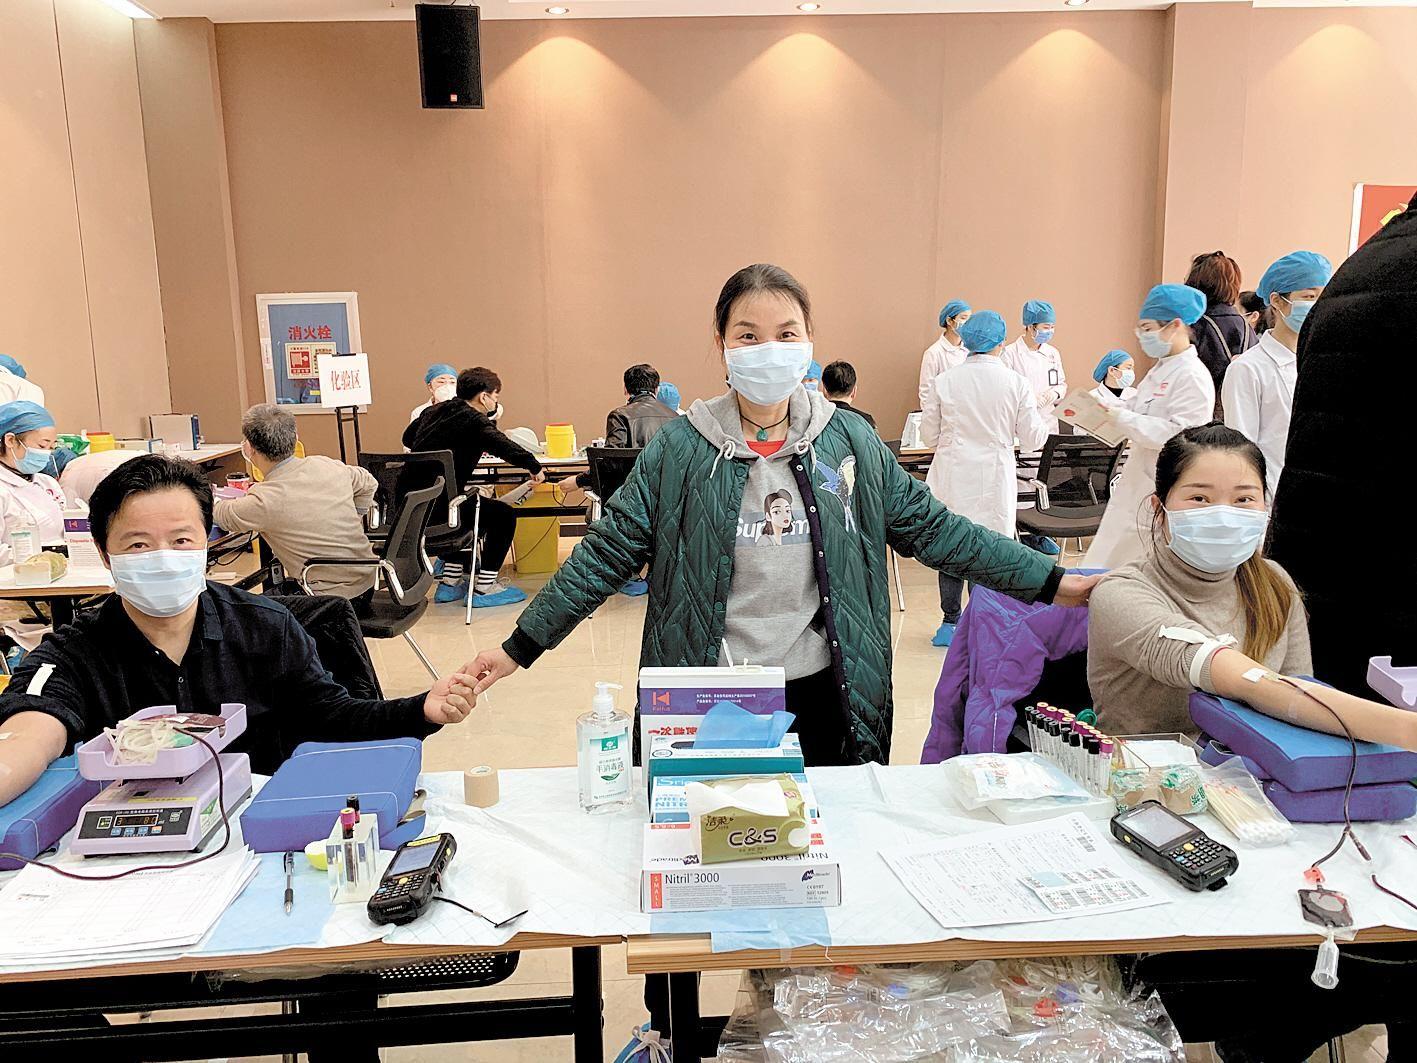 武汉临床手术用血增加 百名血液中心职工带头献血